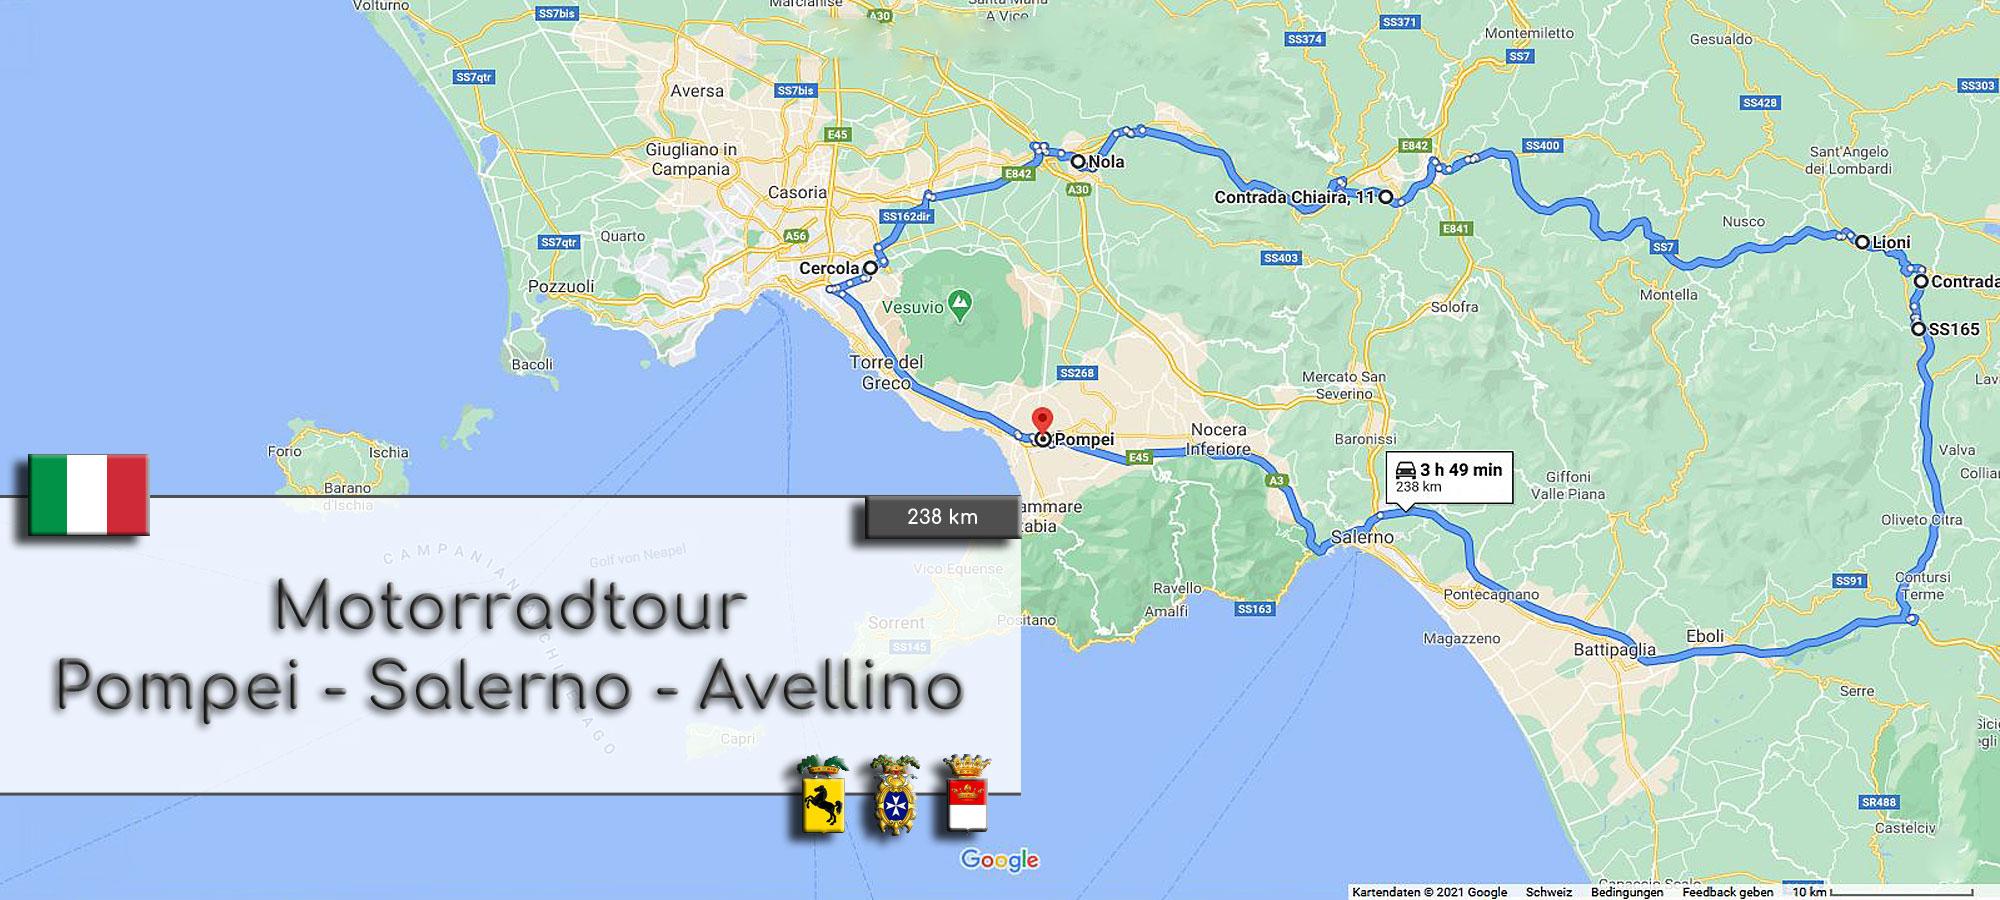 Kartenausschnitt von Sueditalien, der Region um Salerno, suedlich von Neapel. Die Strecke der Motorradtour ist eingezeichnet. Im Textfeld steht geschrieben: Motorradtour Pompei – Salerno – Avellino. Wappen von Italien und der Provinzen Neapel, Salerno und Avellino.